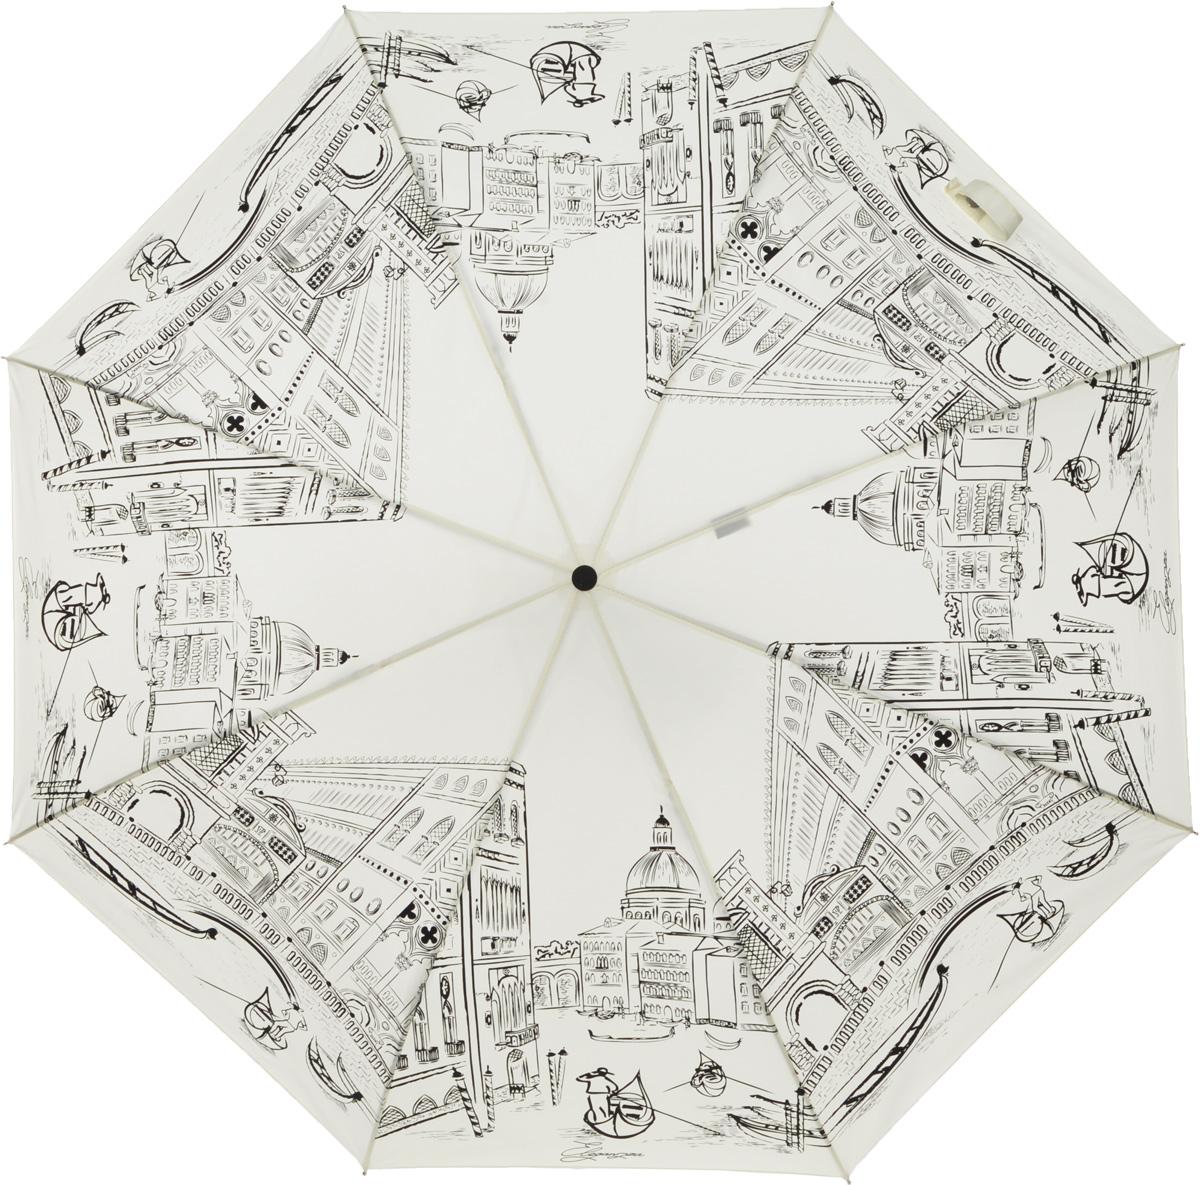 Зонт женский Eleganzza, автомат, 3 сложения, цвет: белый. A3-05-0200LA3-05-0200LЖенский зонт-автомат торговой марки ELEGANZZA с каркасом Smart. Купол: 100% полиэстер. Каркас: стержень - сталь, спицы - алюминий + фибергласс. Увеличенный диаметр купола - 105 см. Система Smart, не позволяет стержню при сложении вылететь обратно, это облегчает сложение зонта! При сложении есть характерный звук-треск, как трещетка. Примечание: зонт не откроется с кнопки если его не закрыть до щелчка!